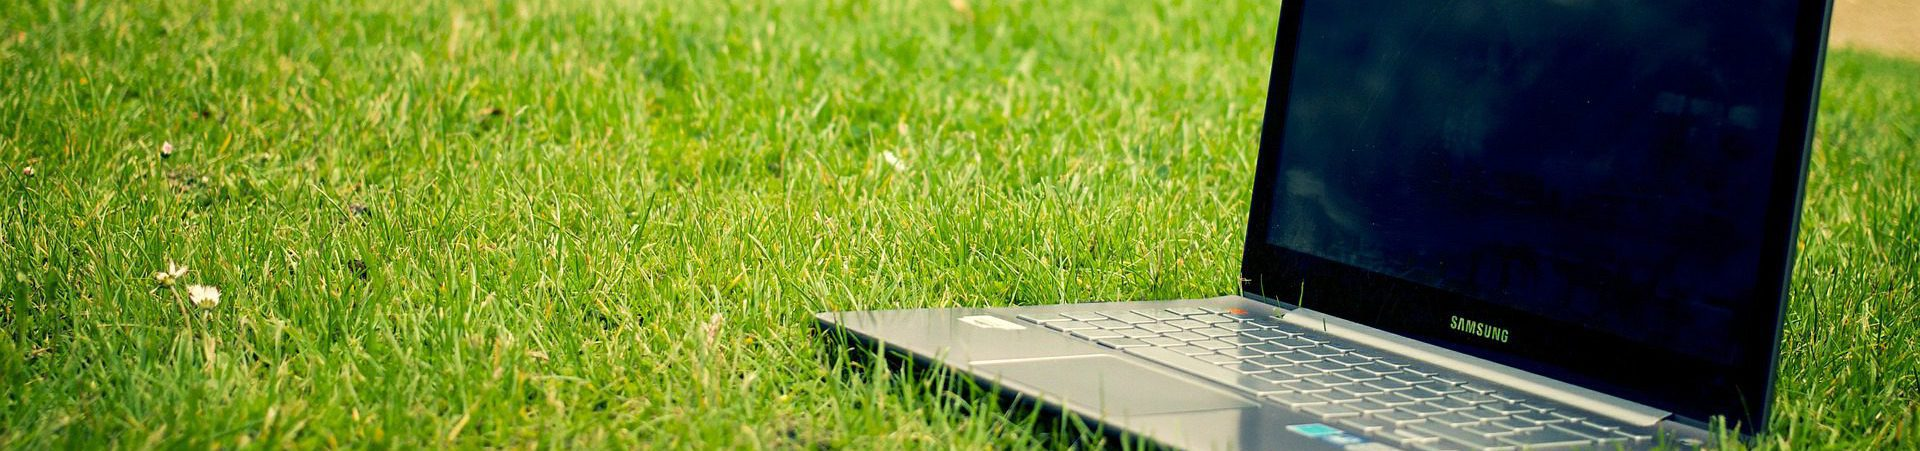 notebook-405755_1920